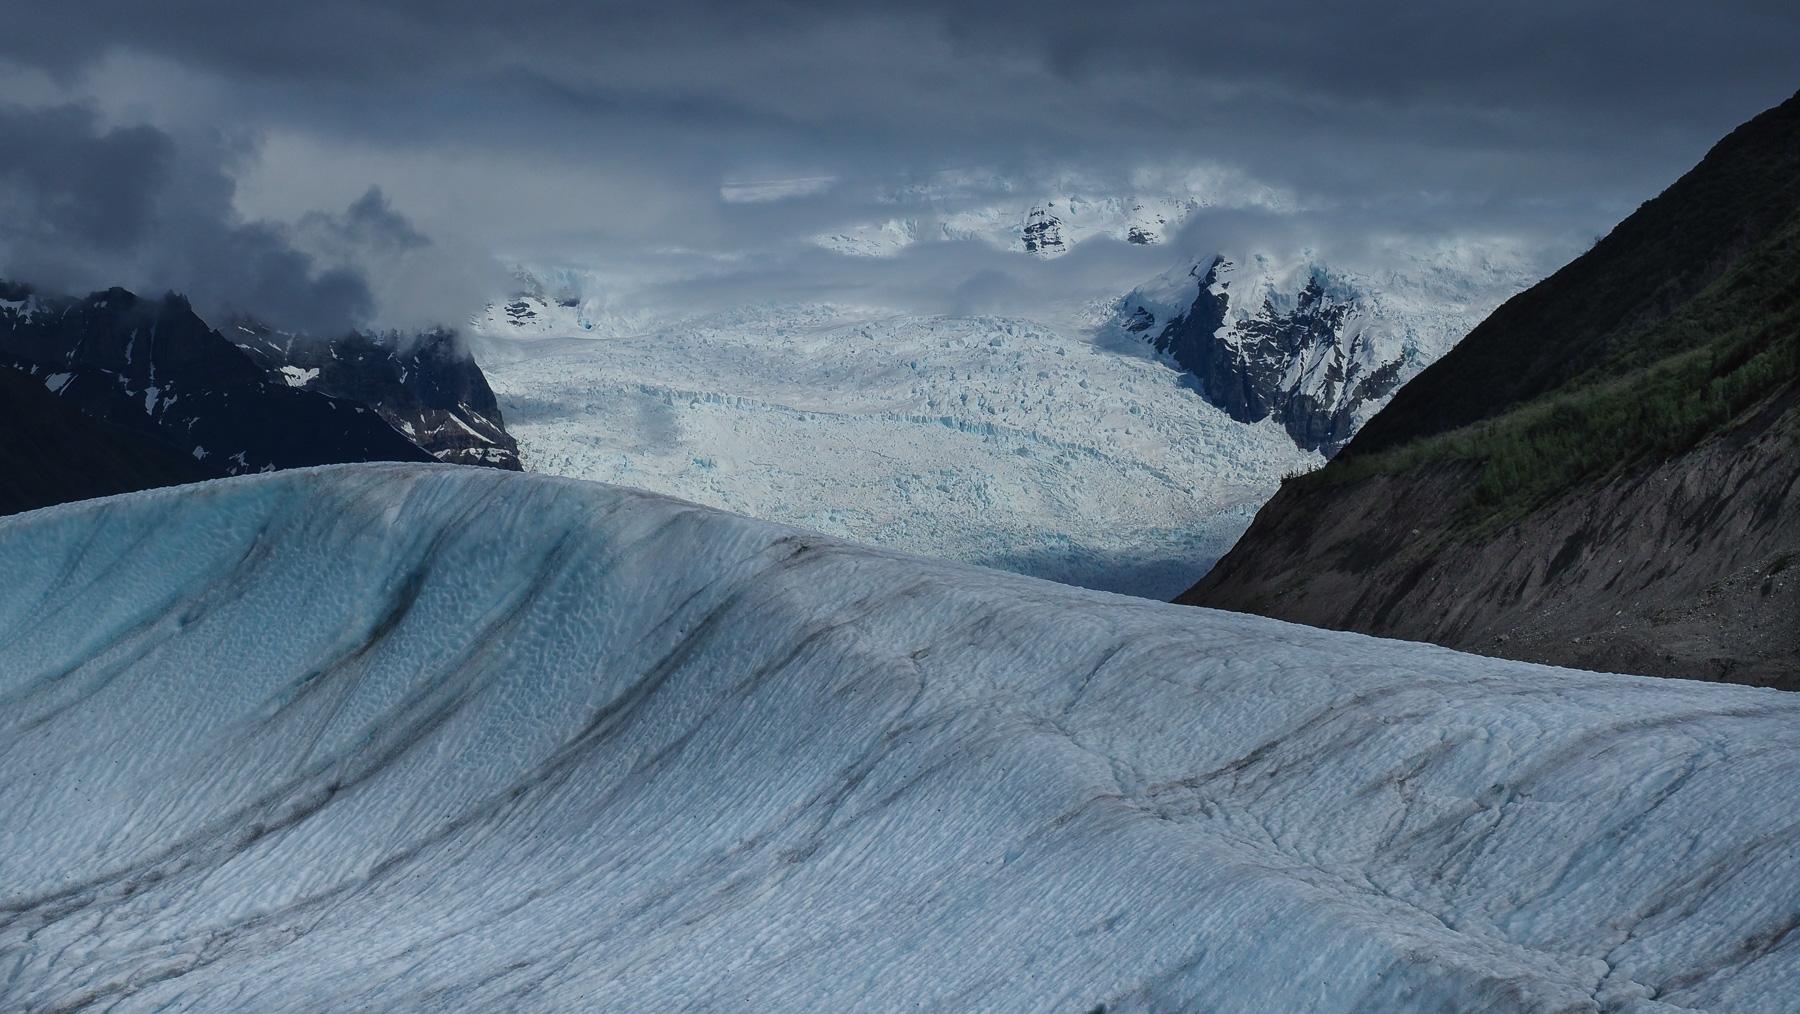 Wanderung zum Kennecott Gletscher